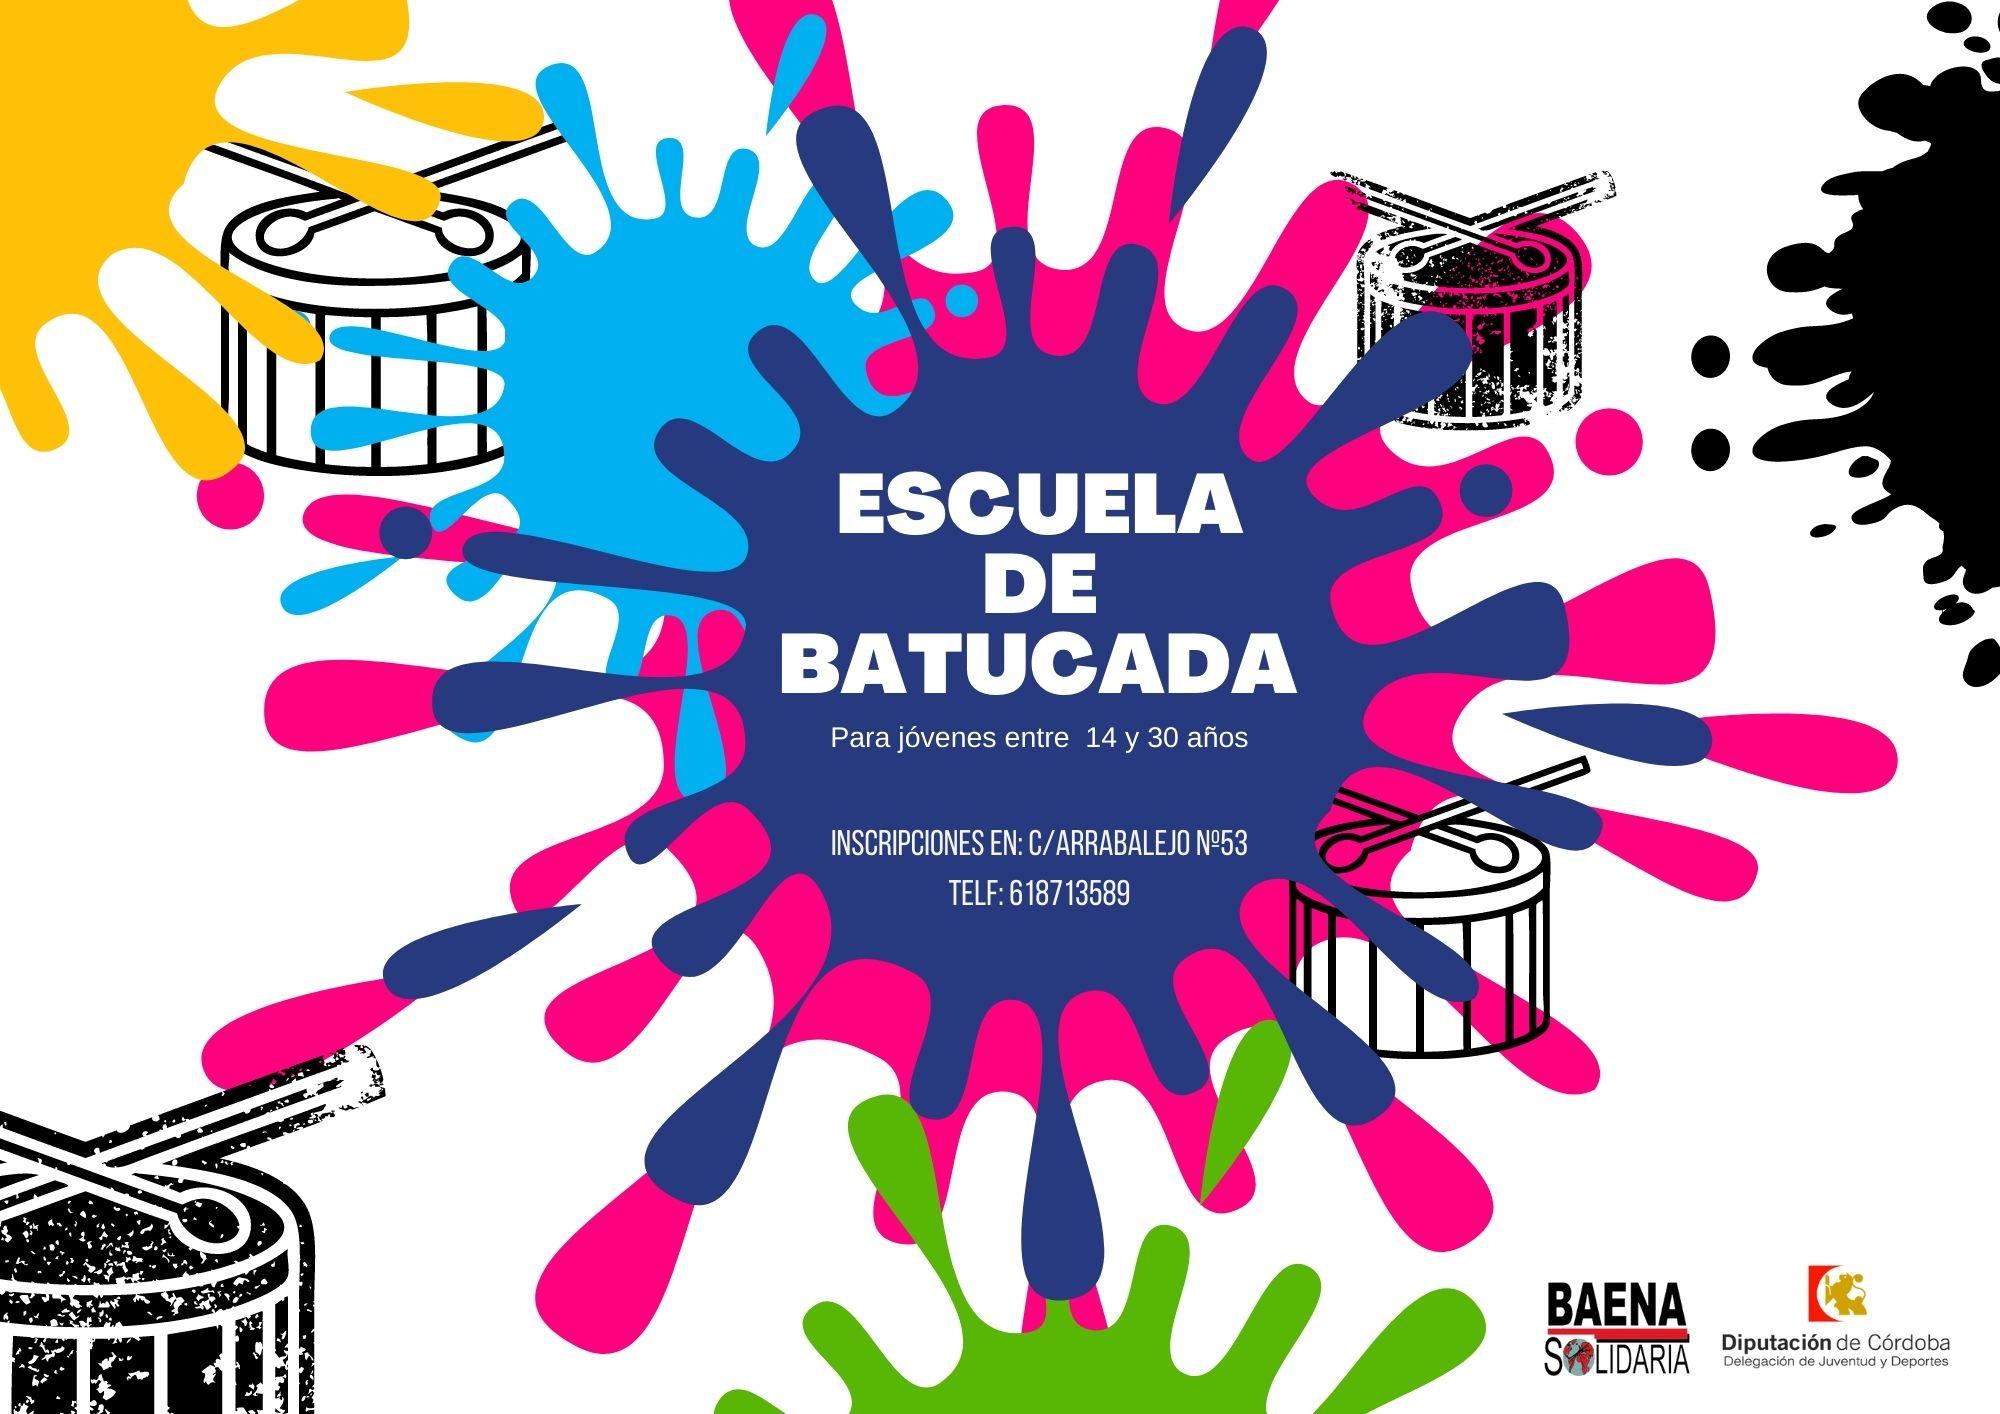 ESCUELA DE BATUCADA